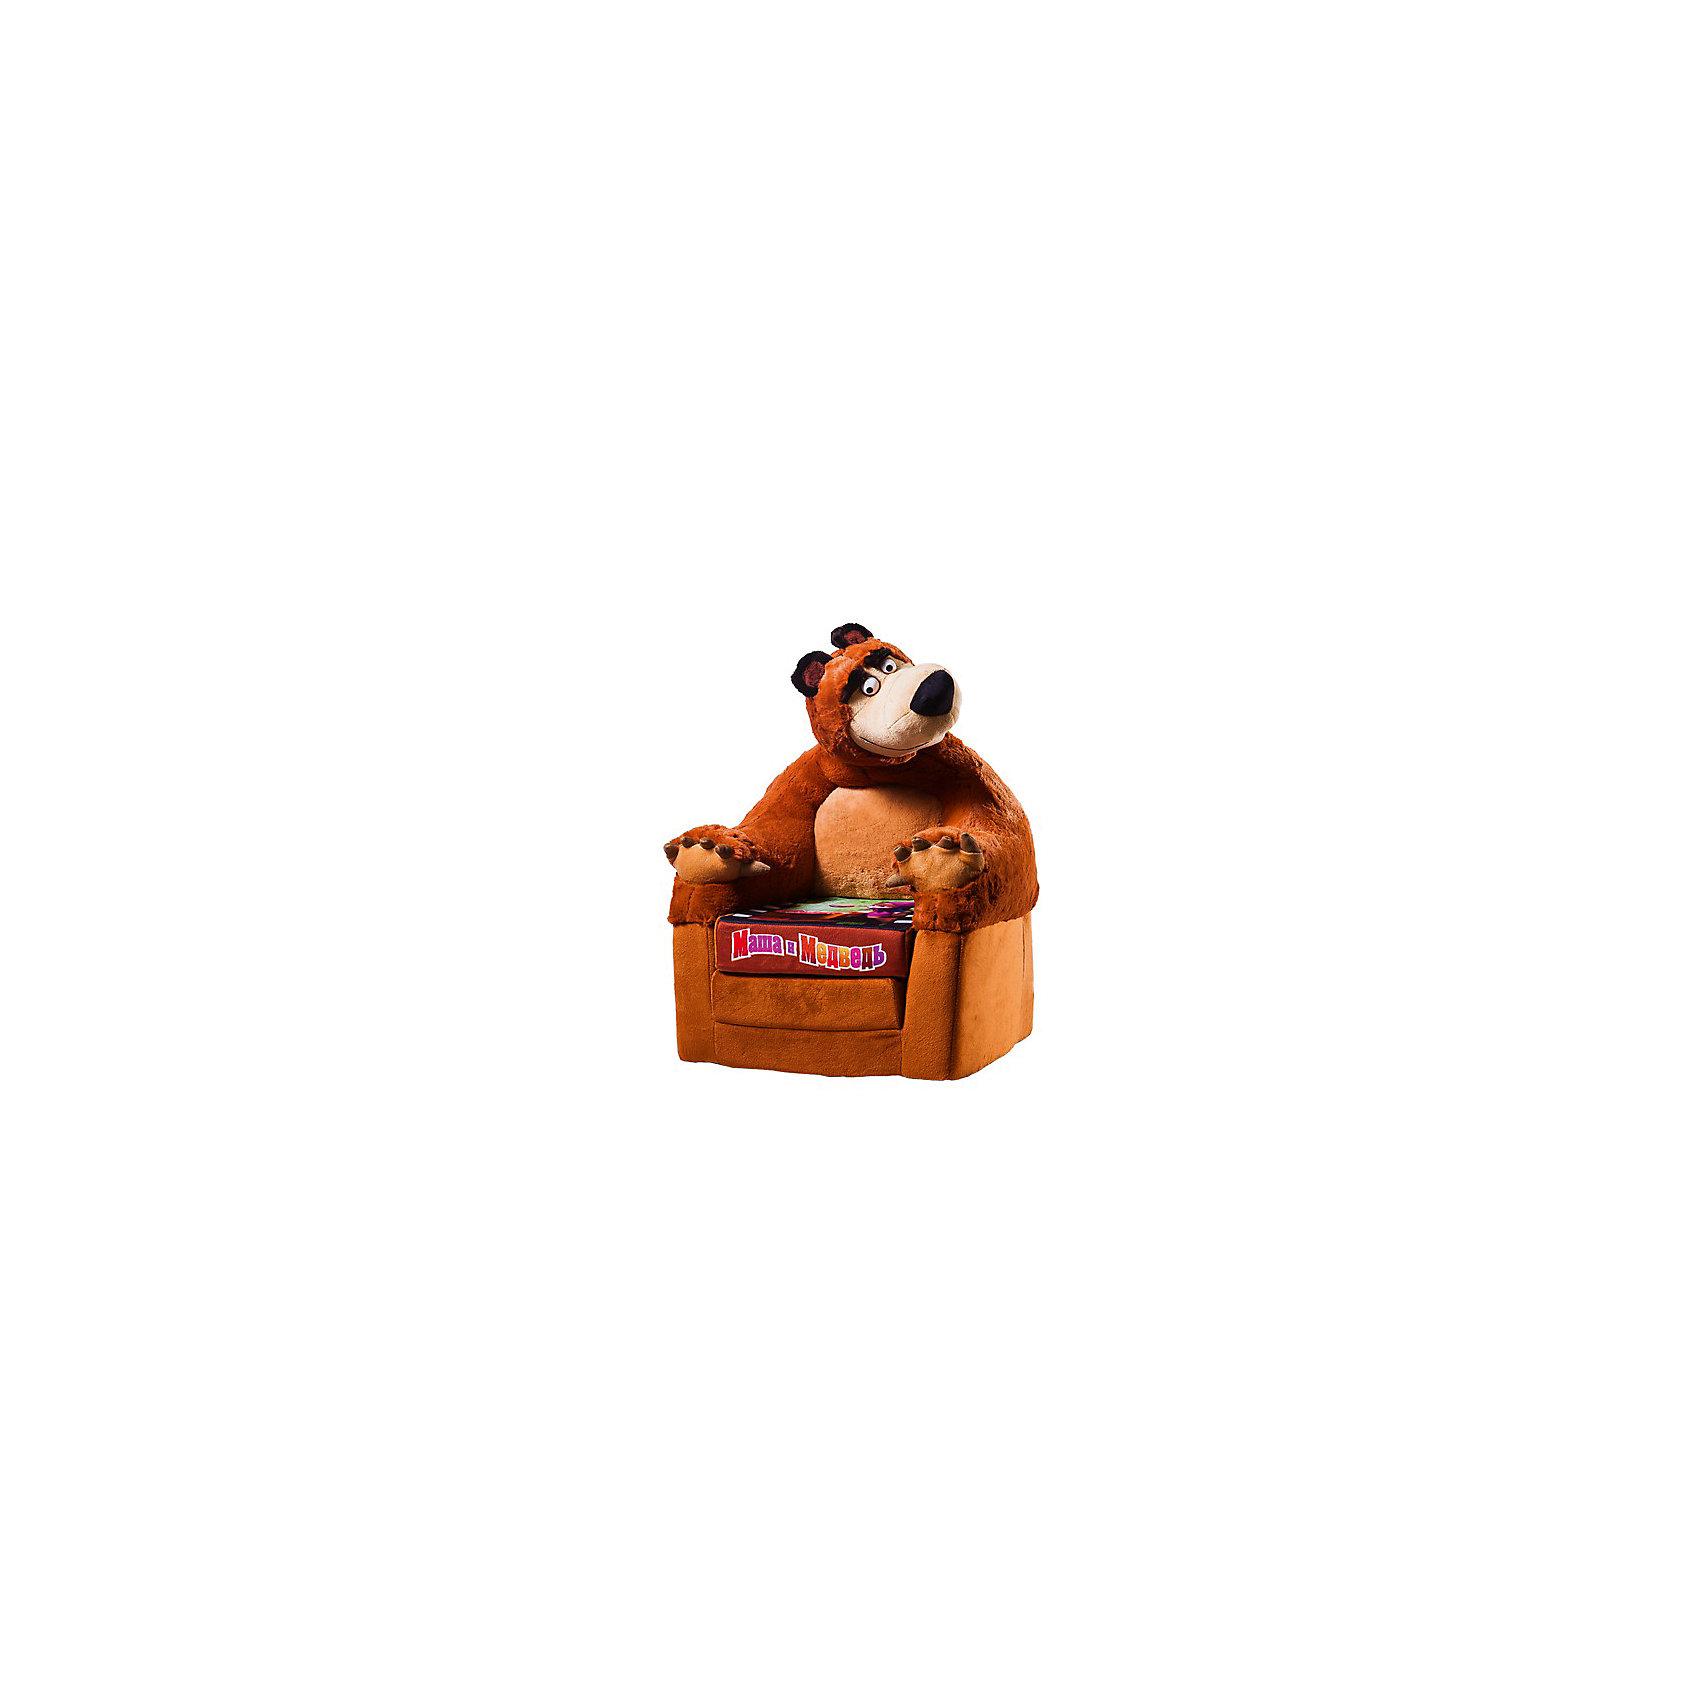 Кресло-игрушка Миша (раскладывающееся), Маша и медведьМаша и Медведь<br>Кресло раскладывающееся Маша и медведь в виде главного героя мультика про Машу и Медведя абсолютно безопасна для вашего малыша. С этим креслом они смогут проявить максимум своих творческих и двигательных способностей - ведь по нему можно лазать, прыгать и кувыркаться. <br><br>Дополнительная информация:<br> <br>- материал:  обивка - искусственный мех, наполнитель - поролон.<br>- размер (г ? ш ? в): 65/44/36 см.<br><br>Игрушку-кресло Маша и медведь можно купить в нашем интернет-магазине<br><br>Ширина мм: 630<br>Глубина мм: 360<br>Высота мм: 440<br>Вес г: 2160<br>Возраст от месяцев: 24<br>Возраст до месяцев: 60<br>Пол: Унисекс<br>Возраст: Детский<br>SKU: 3440344